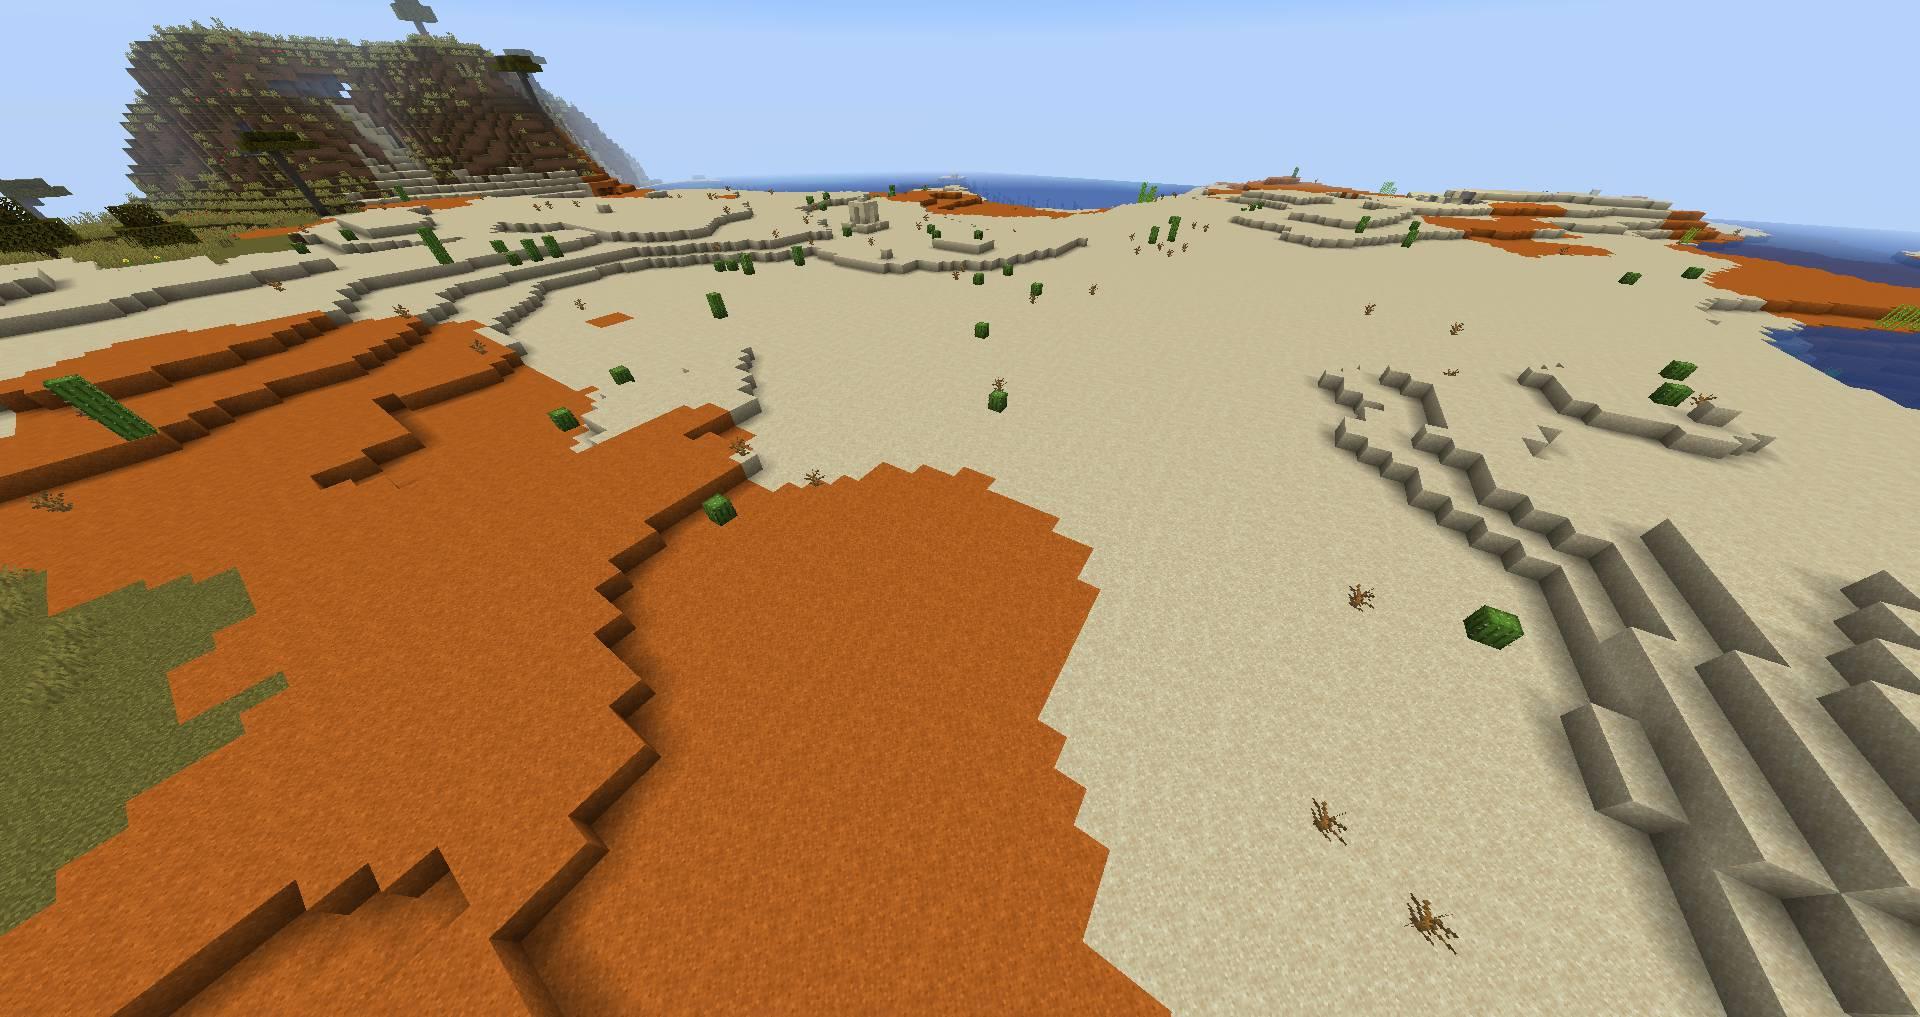 Voyage mod for minecraft 27